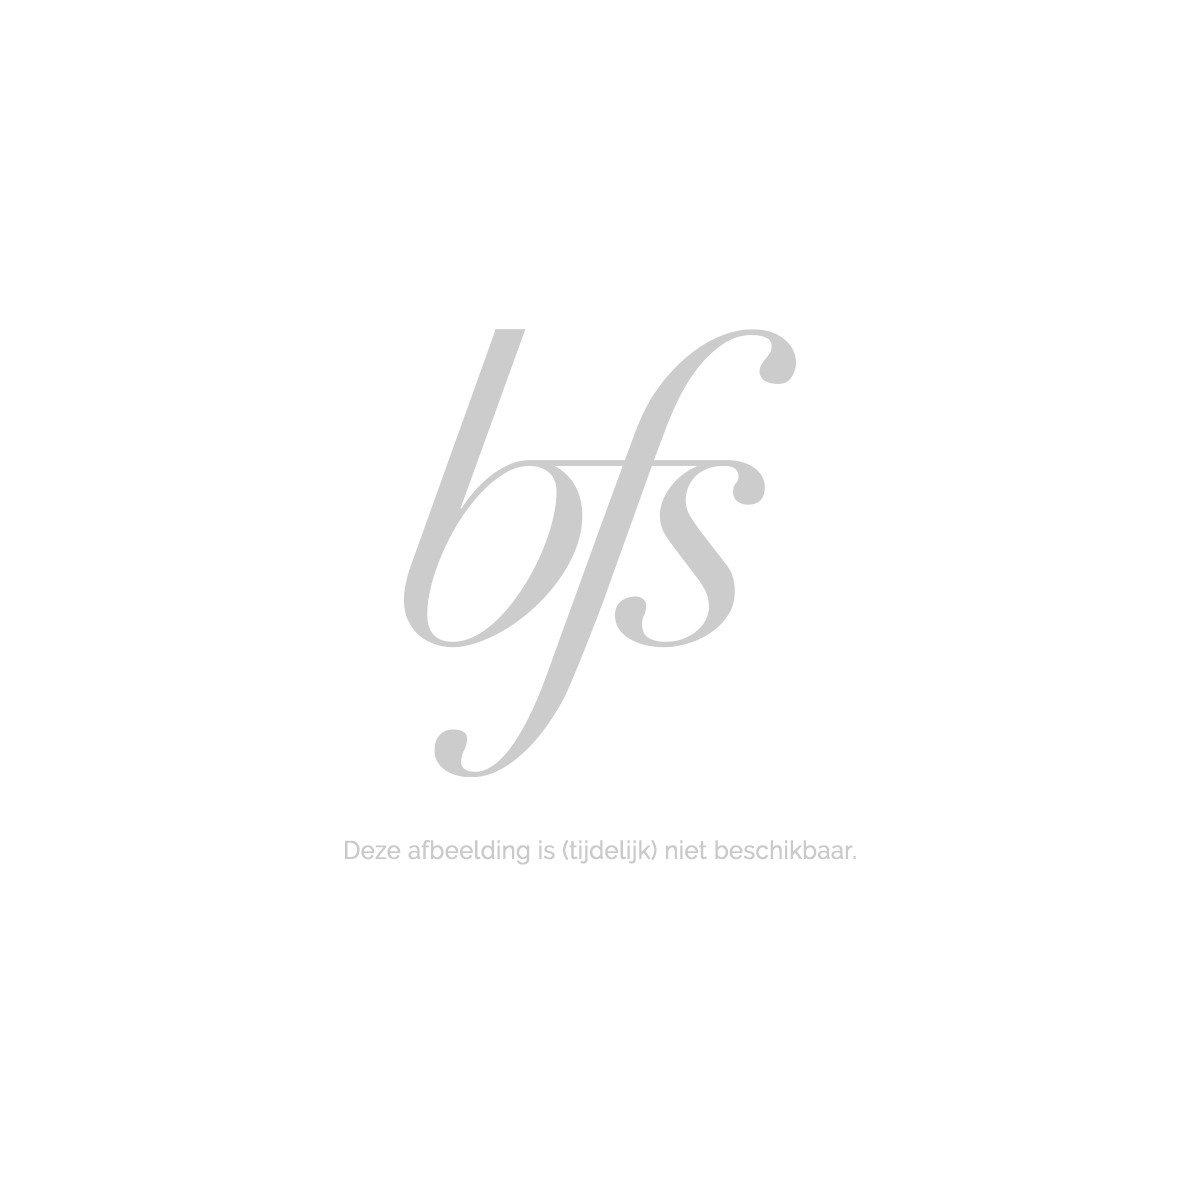 Paco Rabanne Black XS For Her Eau de Toilette 30 ml